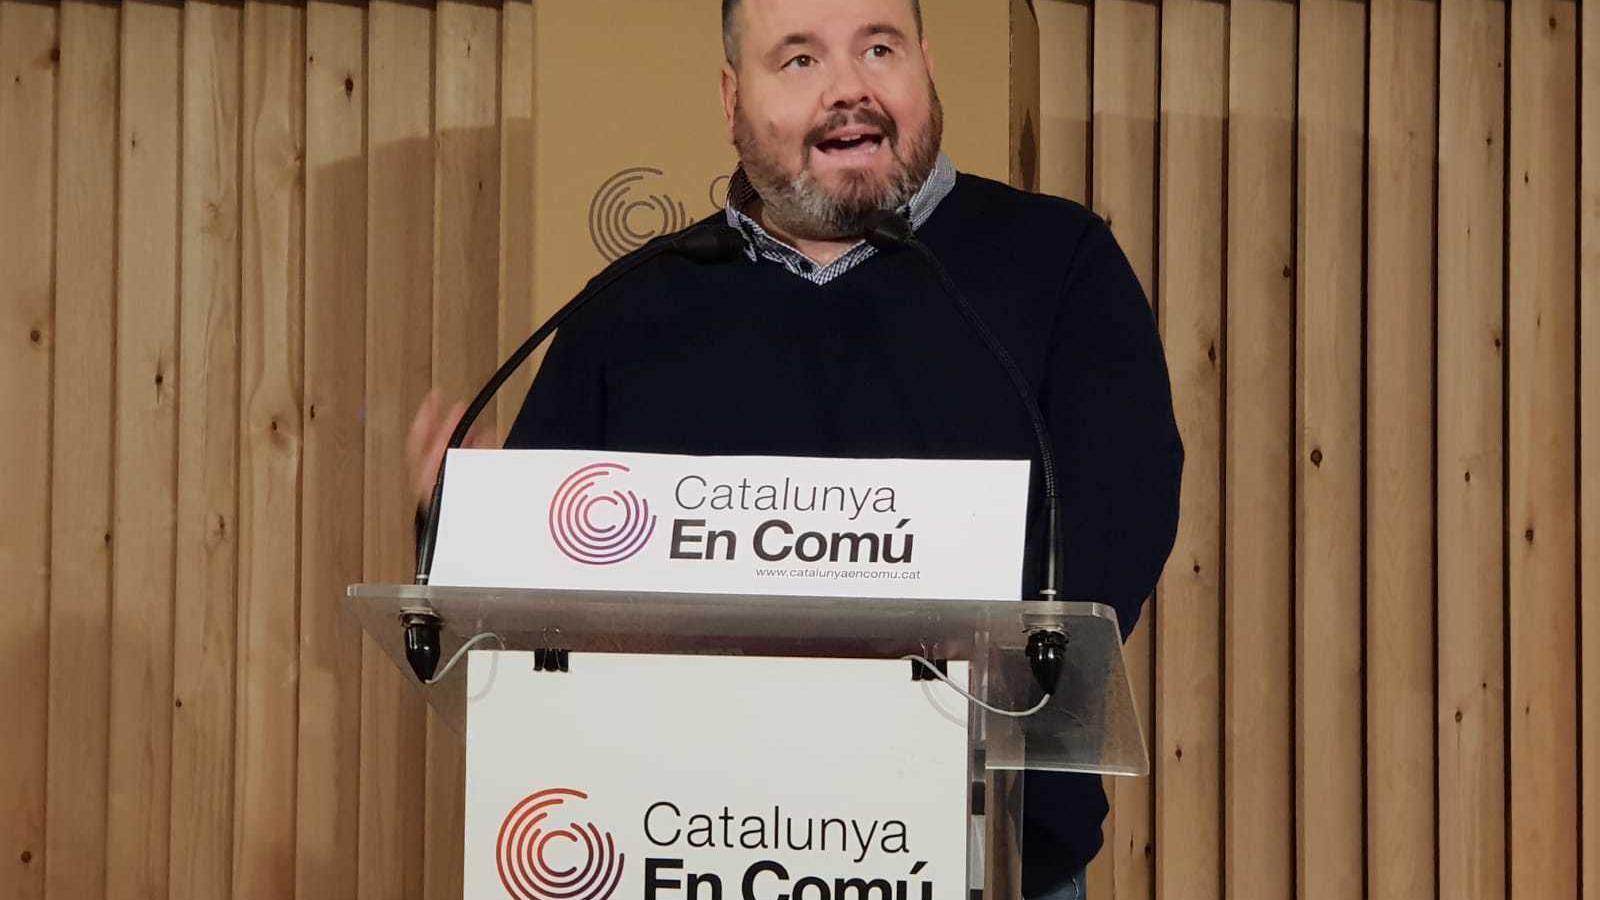 El portaveu de Catalunya en Comú, Joan Mena, en roda de premsa